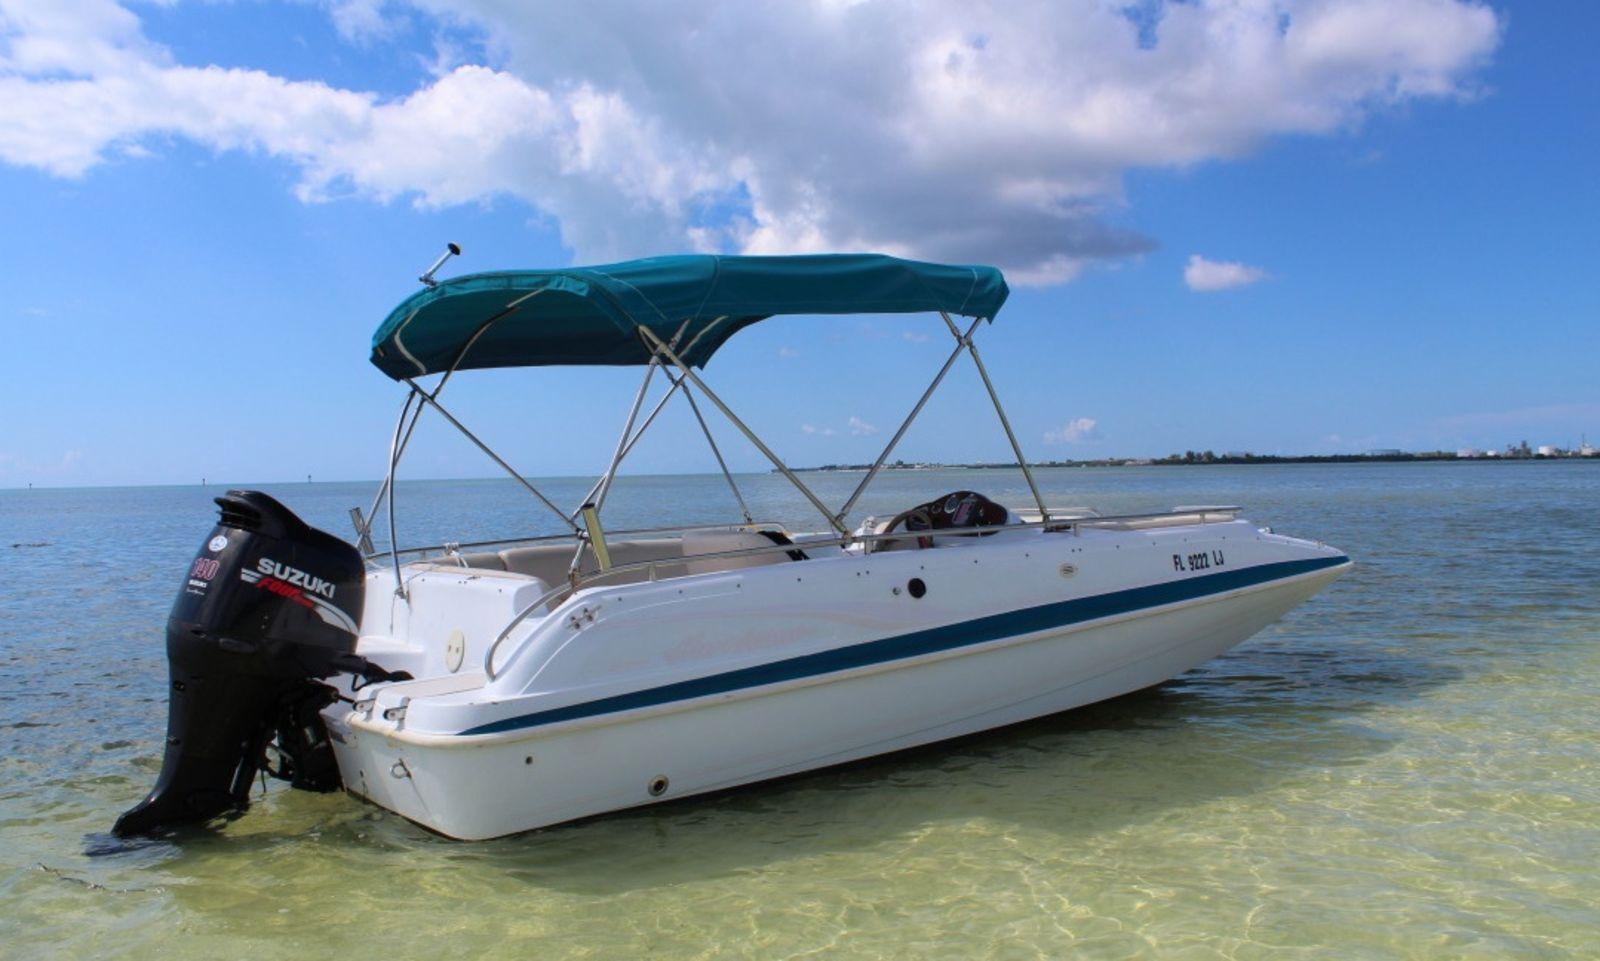 21 Hurricane Deck Boat Rental In Key West In Key West